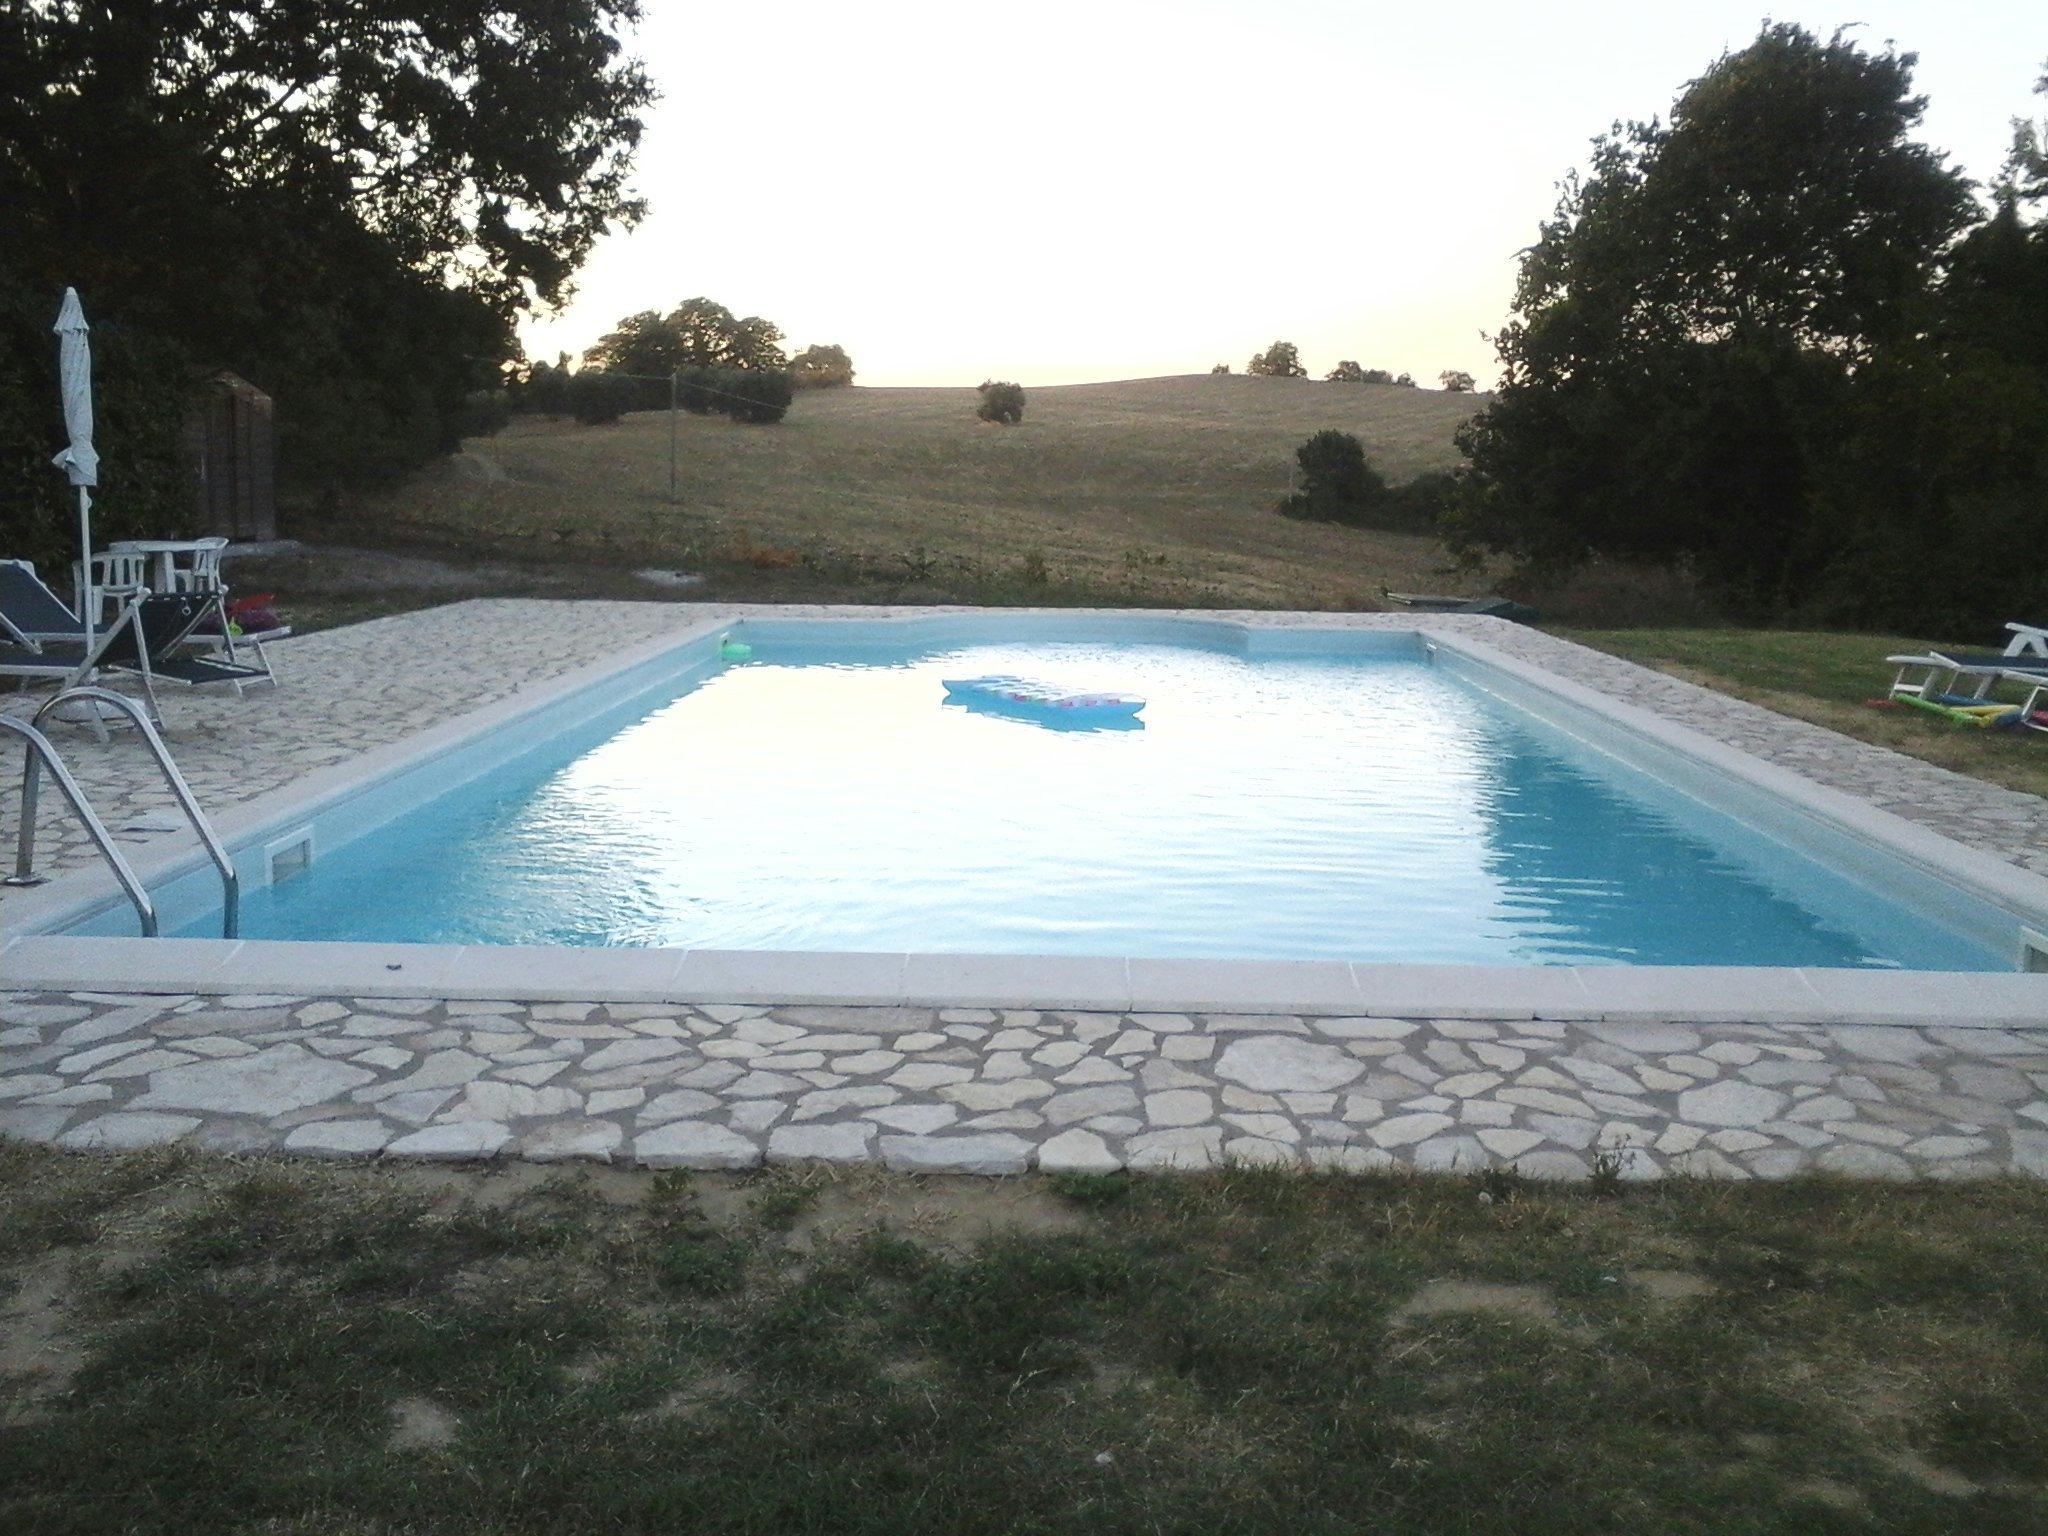 Agriturismo con piscina vicino dunarobba umbria bimbo for Agriturismo asiago con piscina